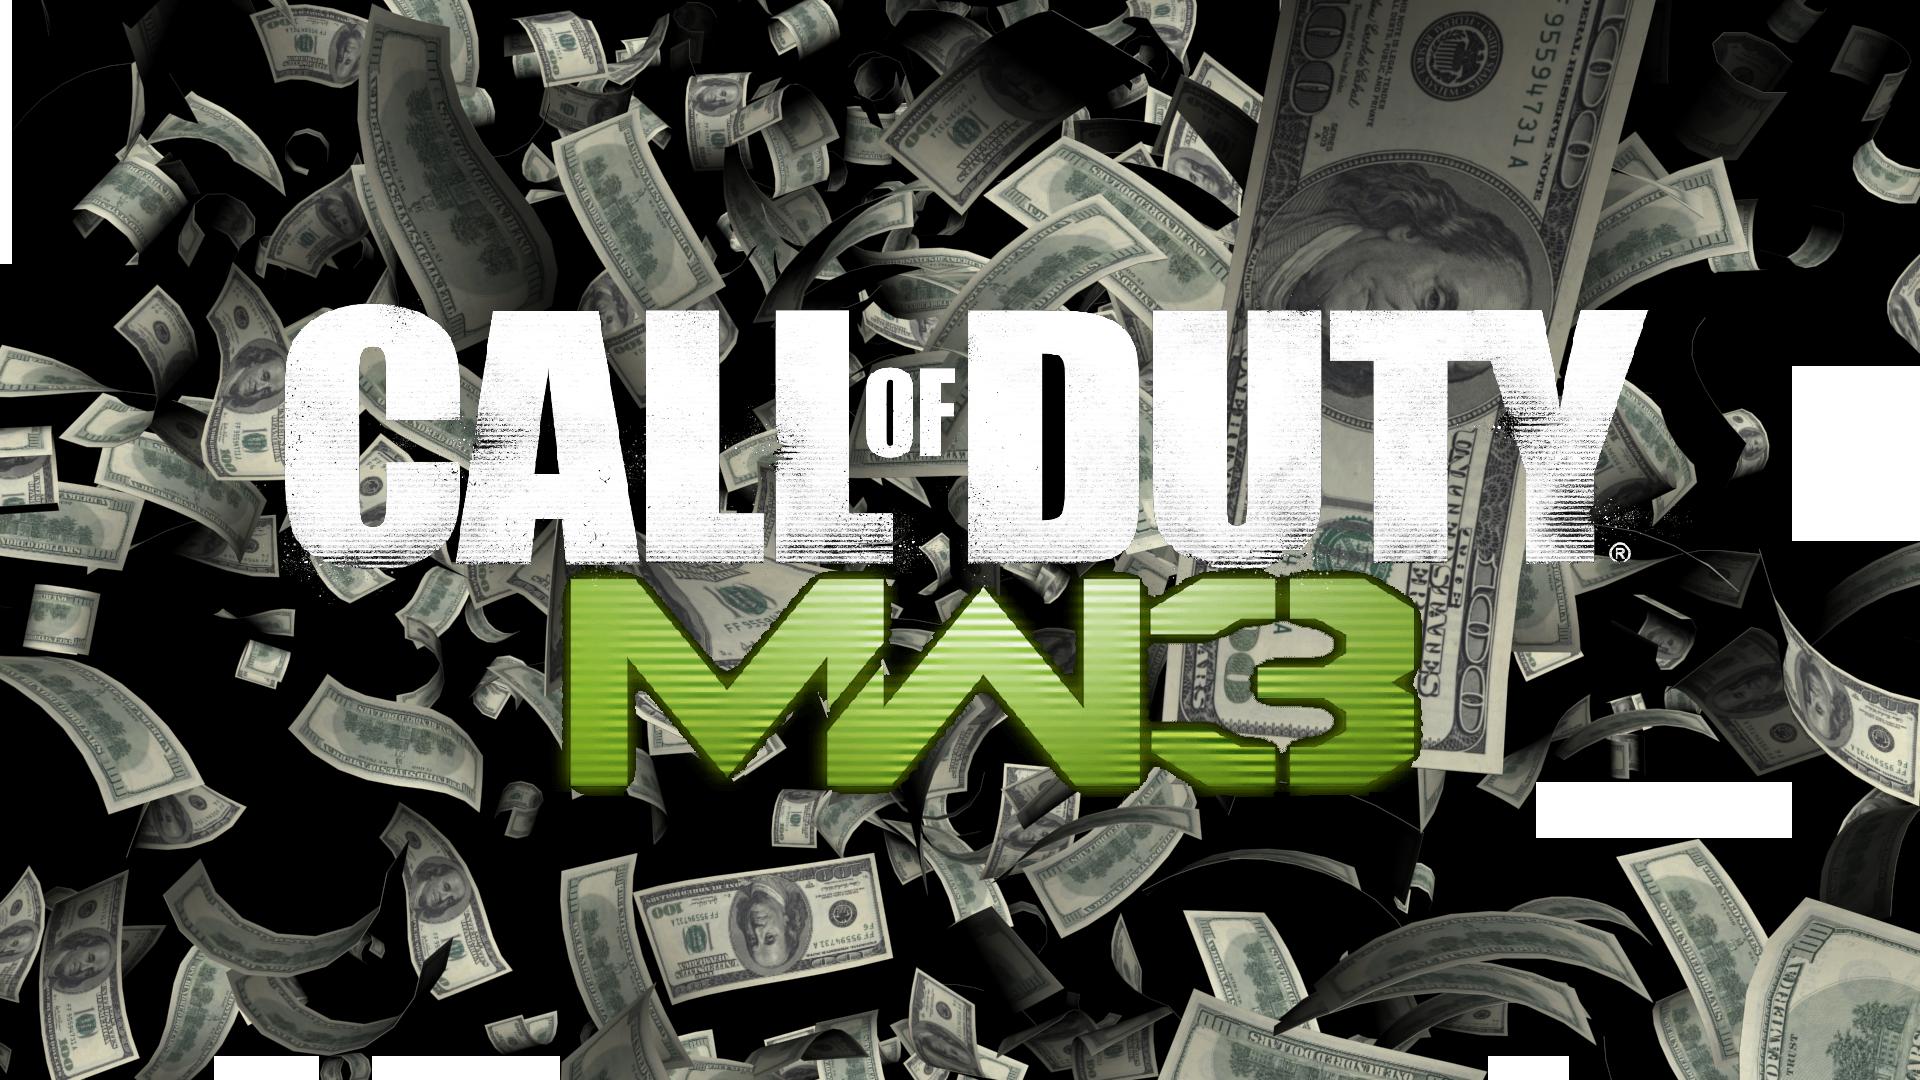 Nuevo record de ventas: Modern Warfare 3 se lleva al bolsillo 775 millones de dolares en sus 5 primeros días [OMFG!!!1]